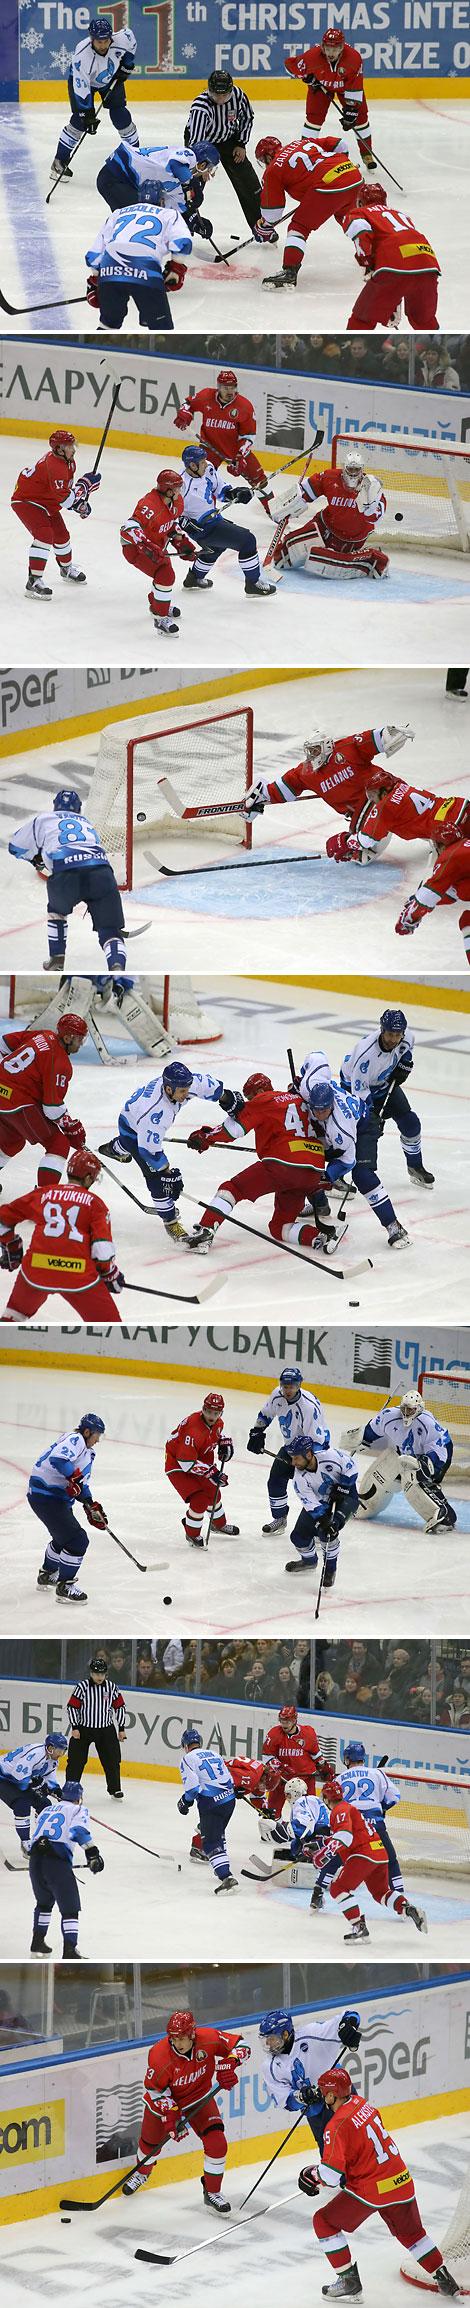 Беларусь в 9-й раз стала победителем рождественского турнира